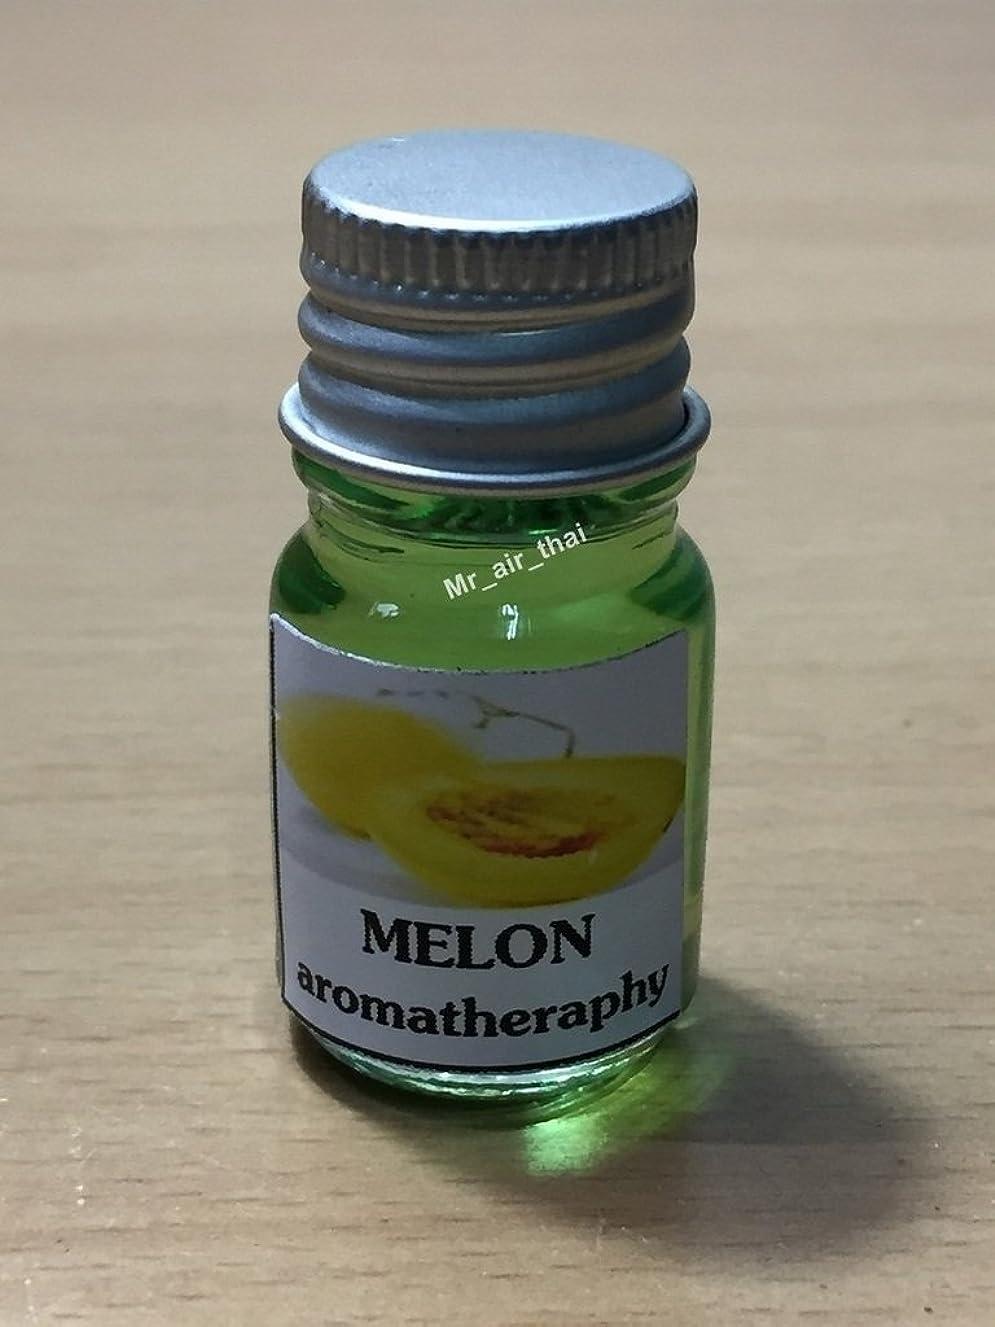 いらいらさせるご覧くださいなめる5ミリリットルアロマメロンフランクインセンスエッセンシャルオイルボトルアロマテラピーオイル自然自然5ml Aroma Melon Frankincense Essential Oil Bottles Aromatherapy Oils natural nature